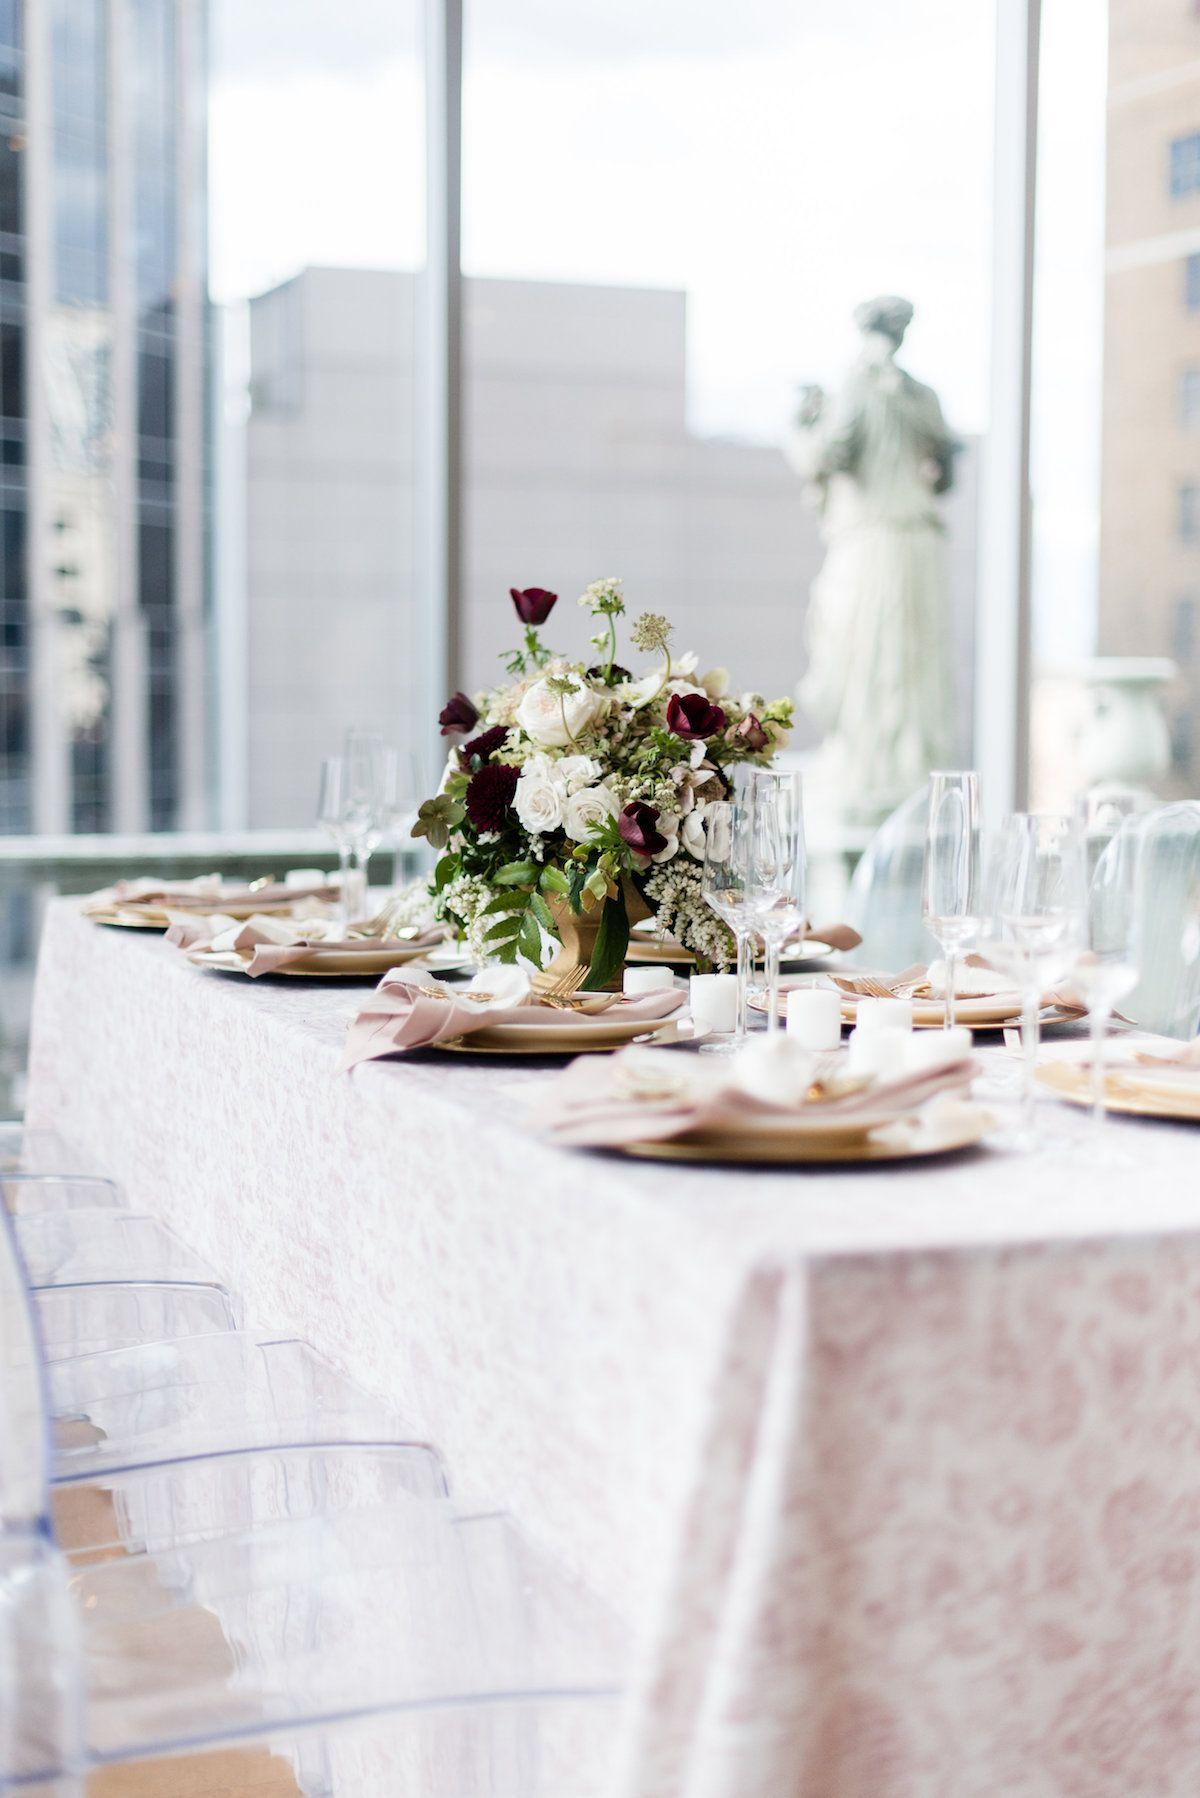 Whimsical and Elegant Dessert Inspired Styled Shoot